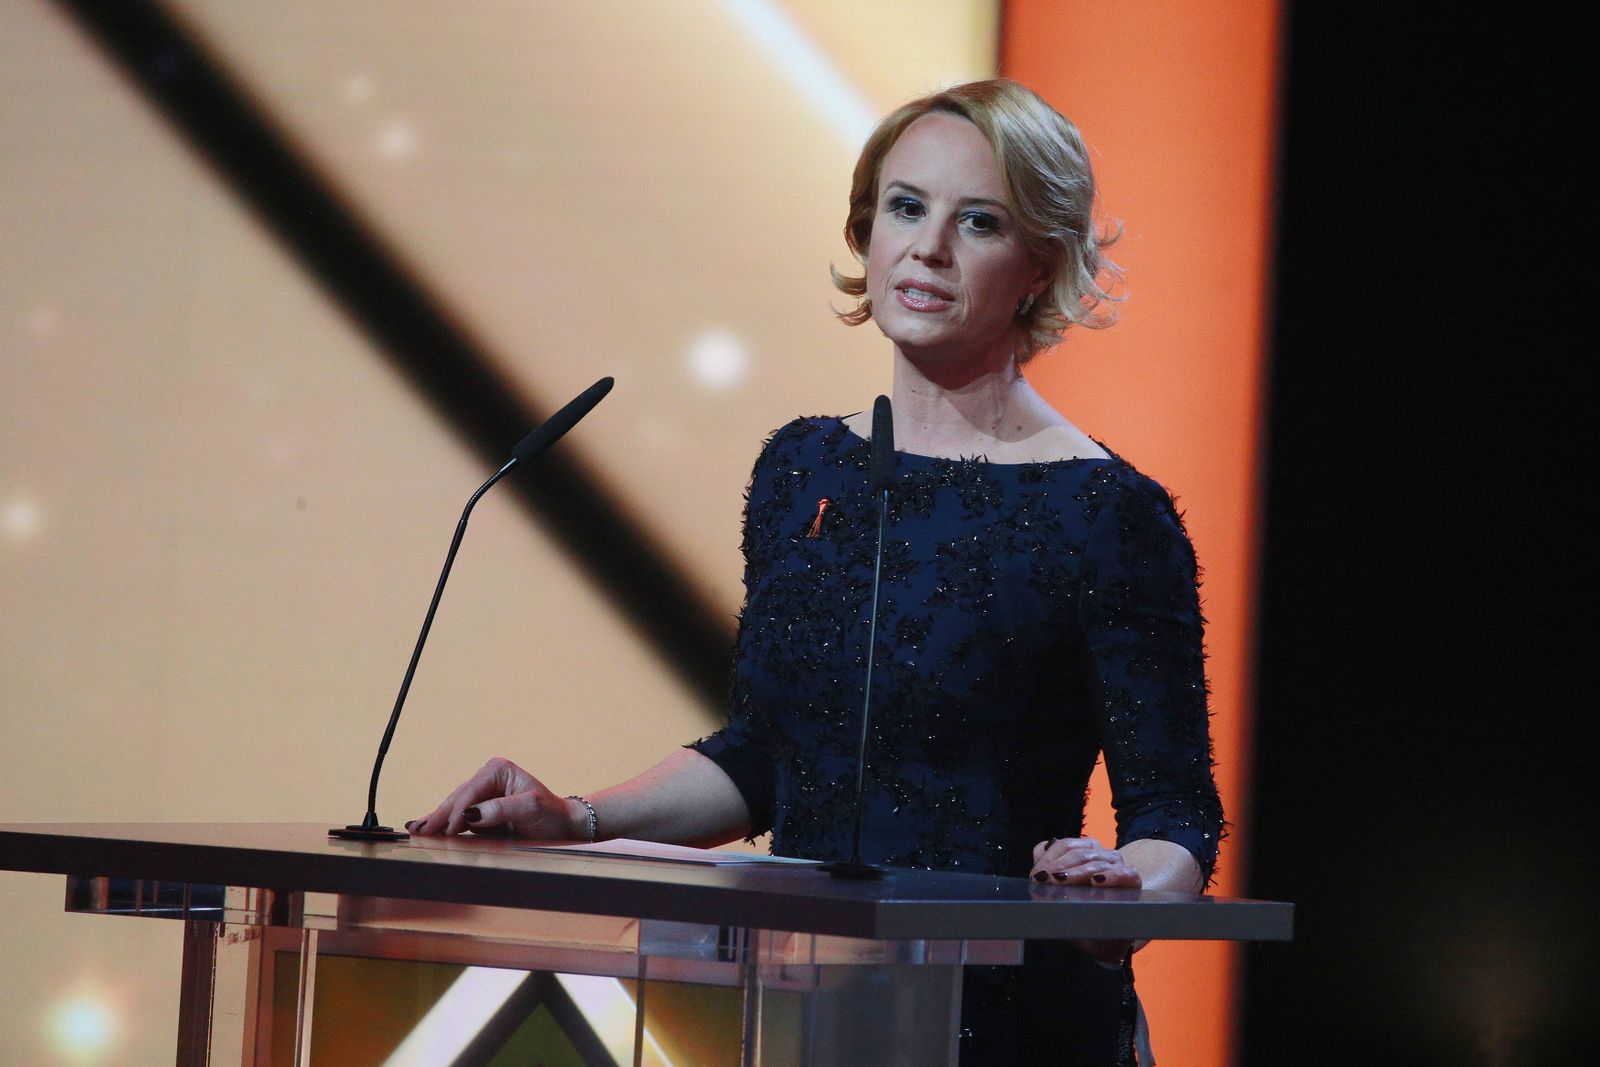 Funke-Verlegerin Julia Becker in der Live Sendung bei der 53 Verleihung der Goldenen Kamera in der Hamburger Messe in Ha